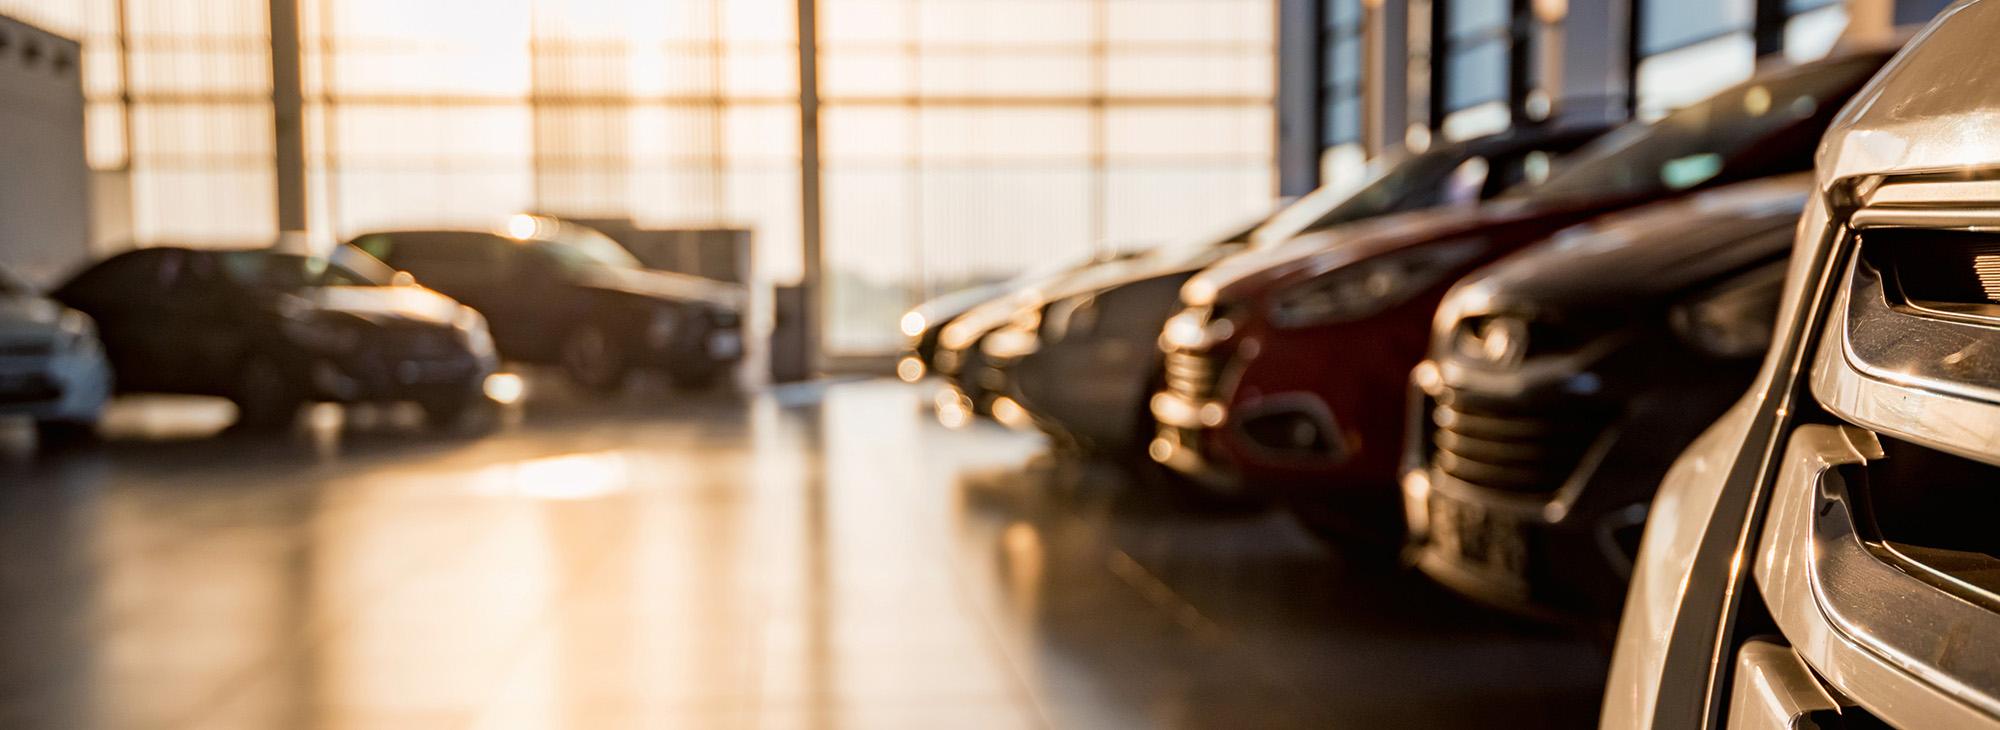 Vill du sälja bil i Göteborg?